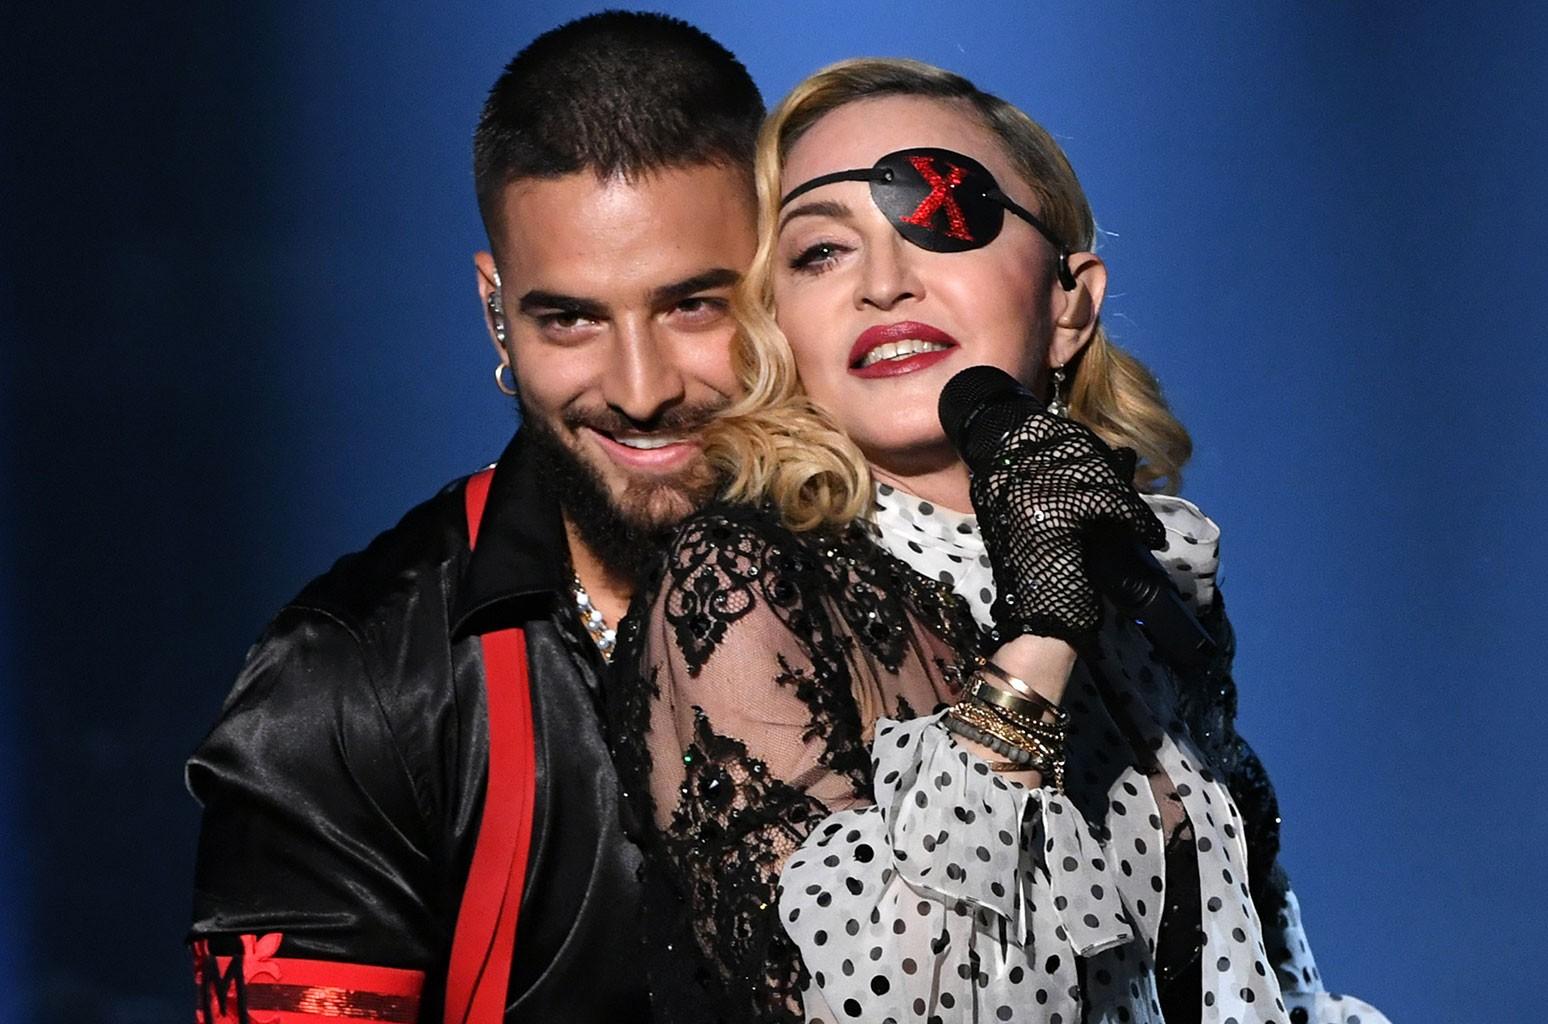 Maluma and Madonna